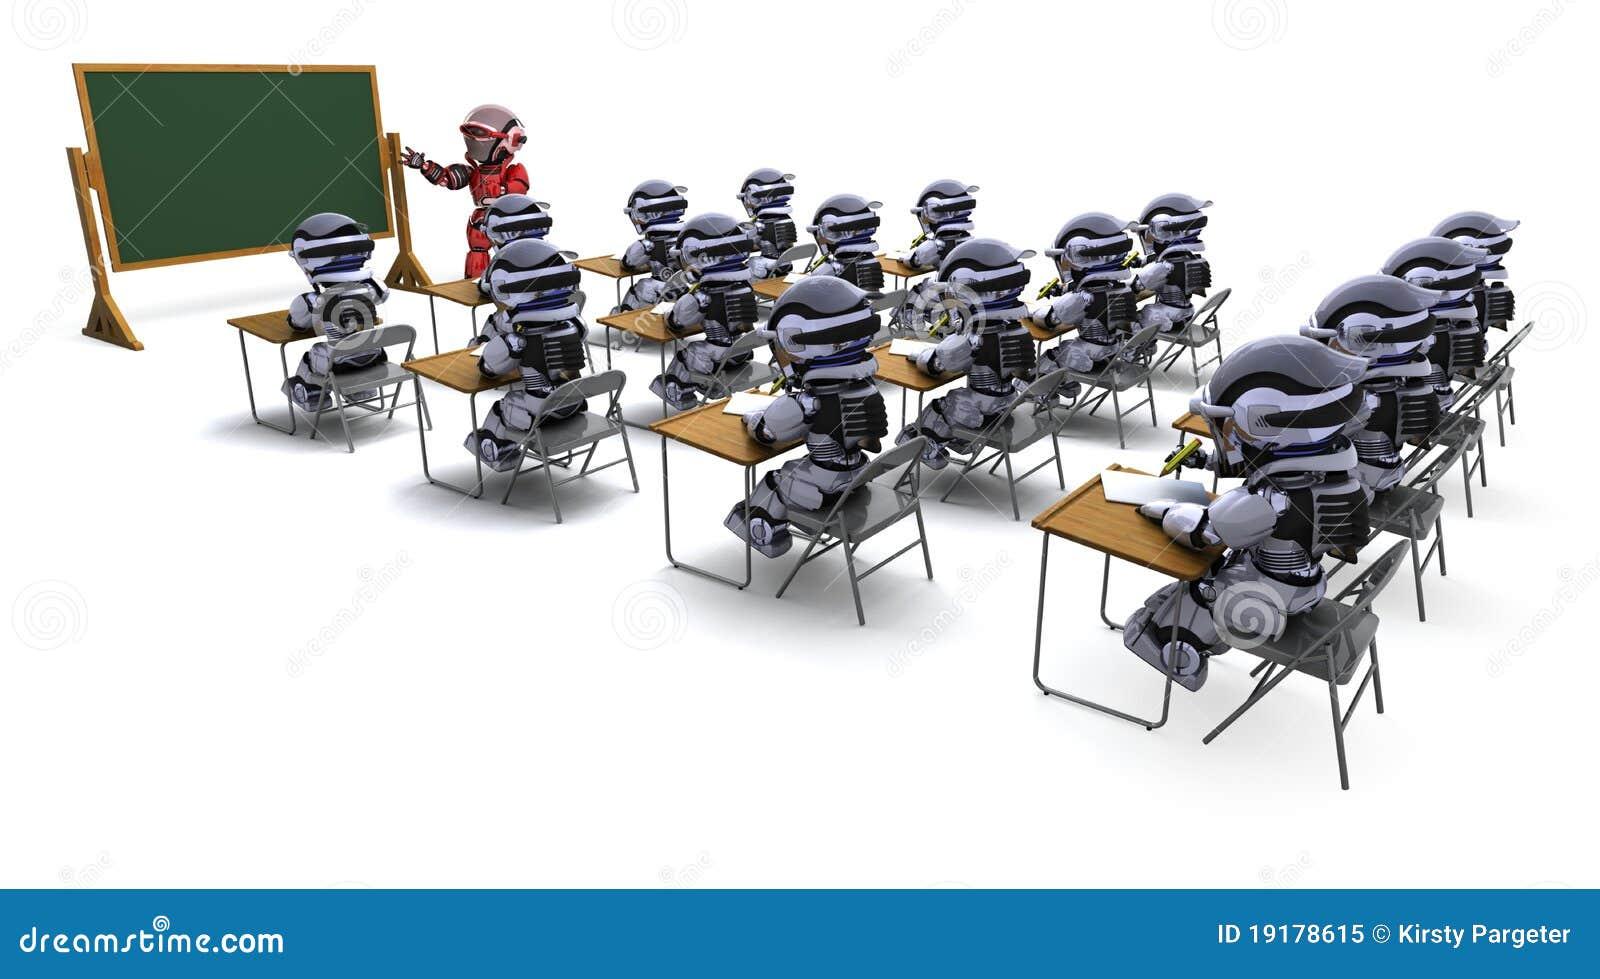 Robot teacher in classroom